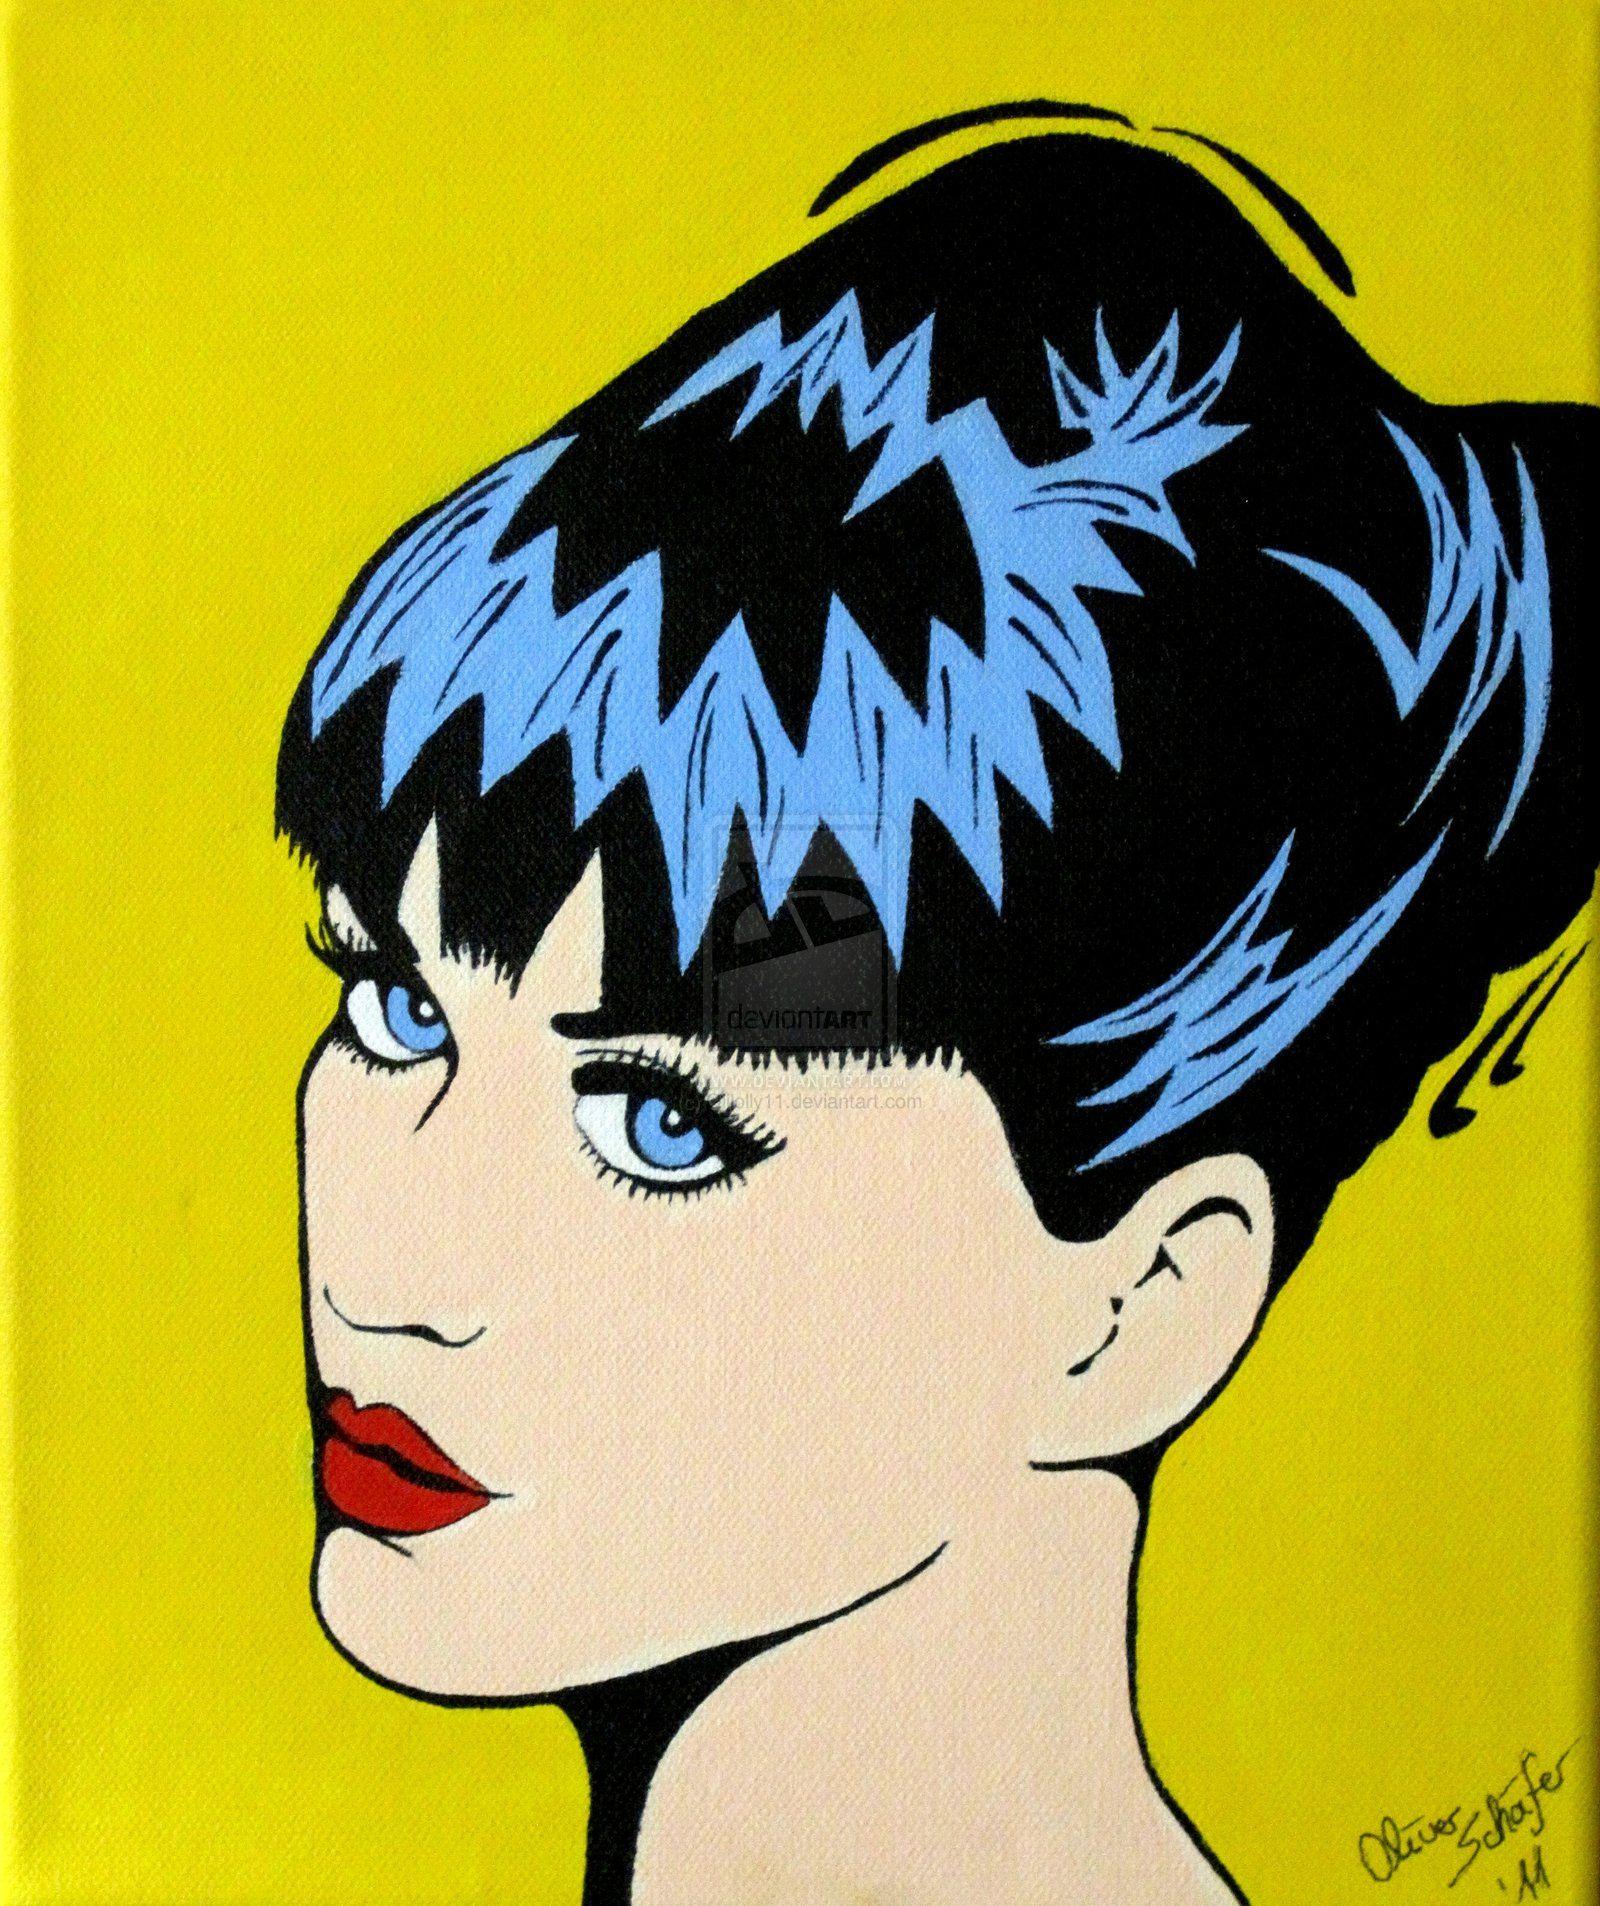 Katy Perry Pop Art Olilolly11 Deviantart Desenho Pop Art